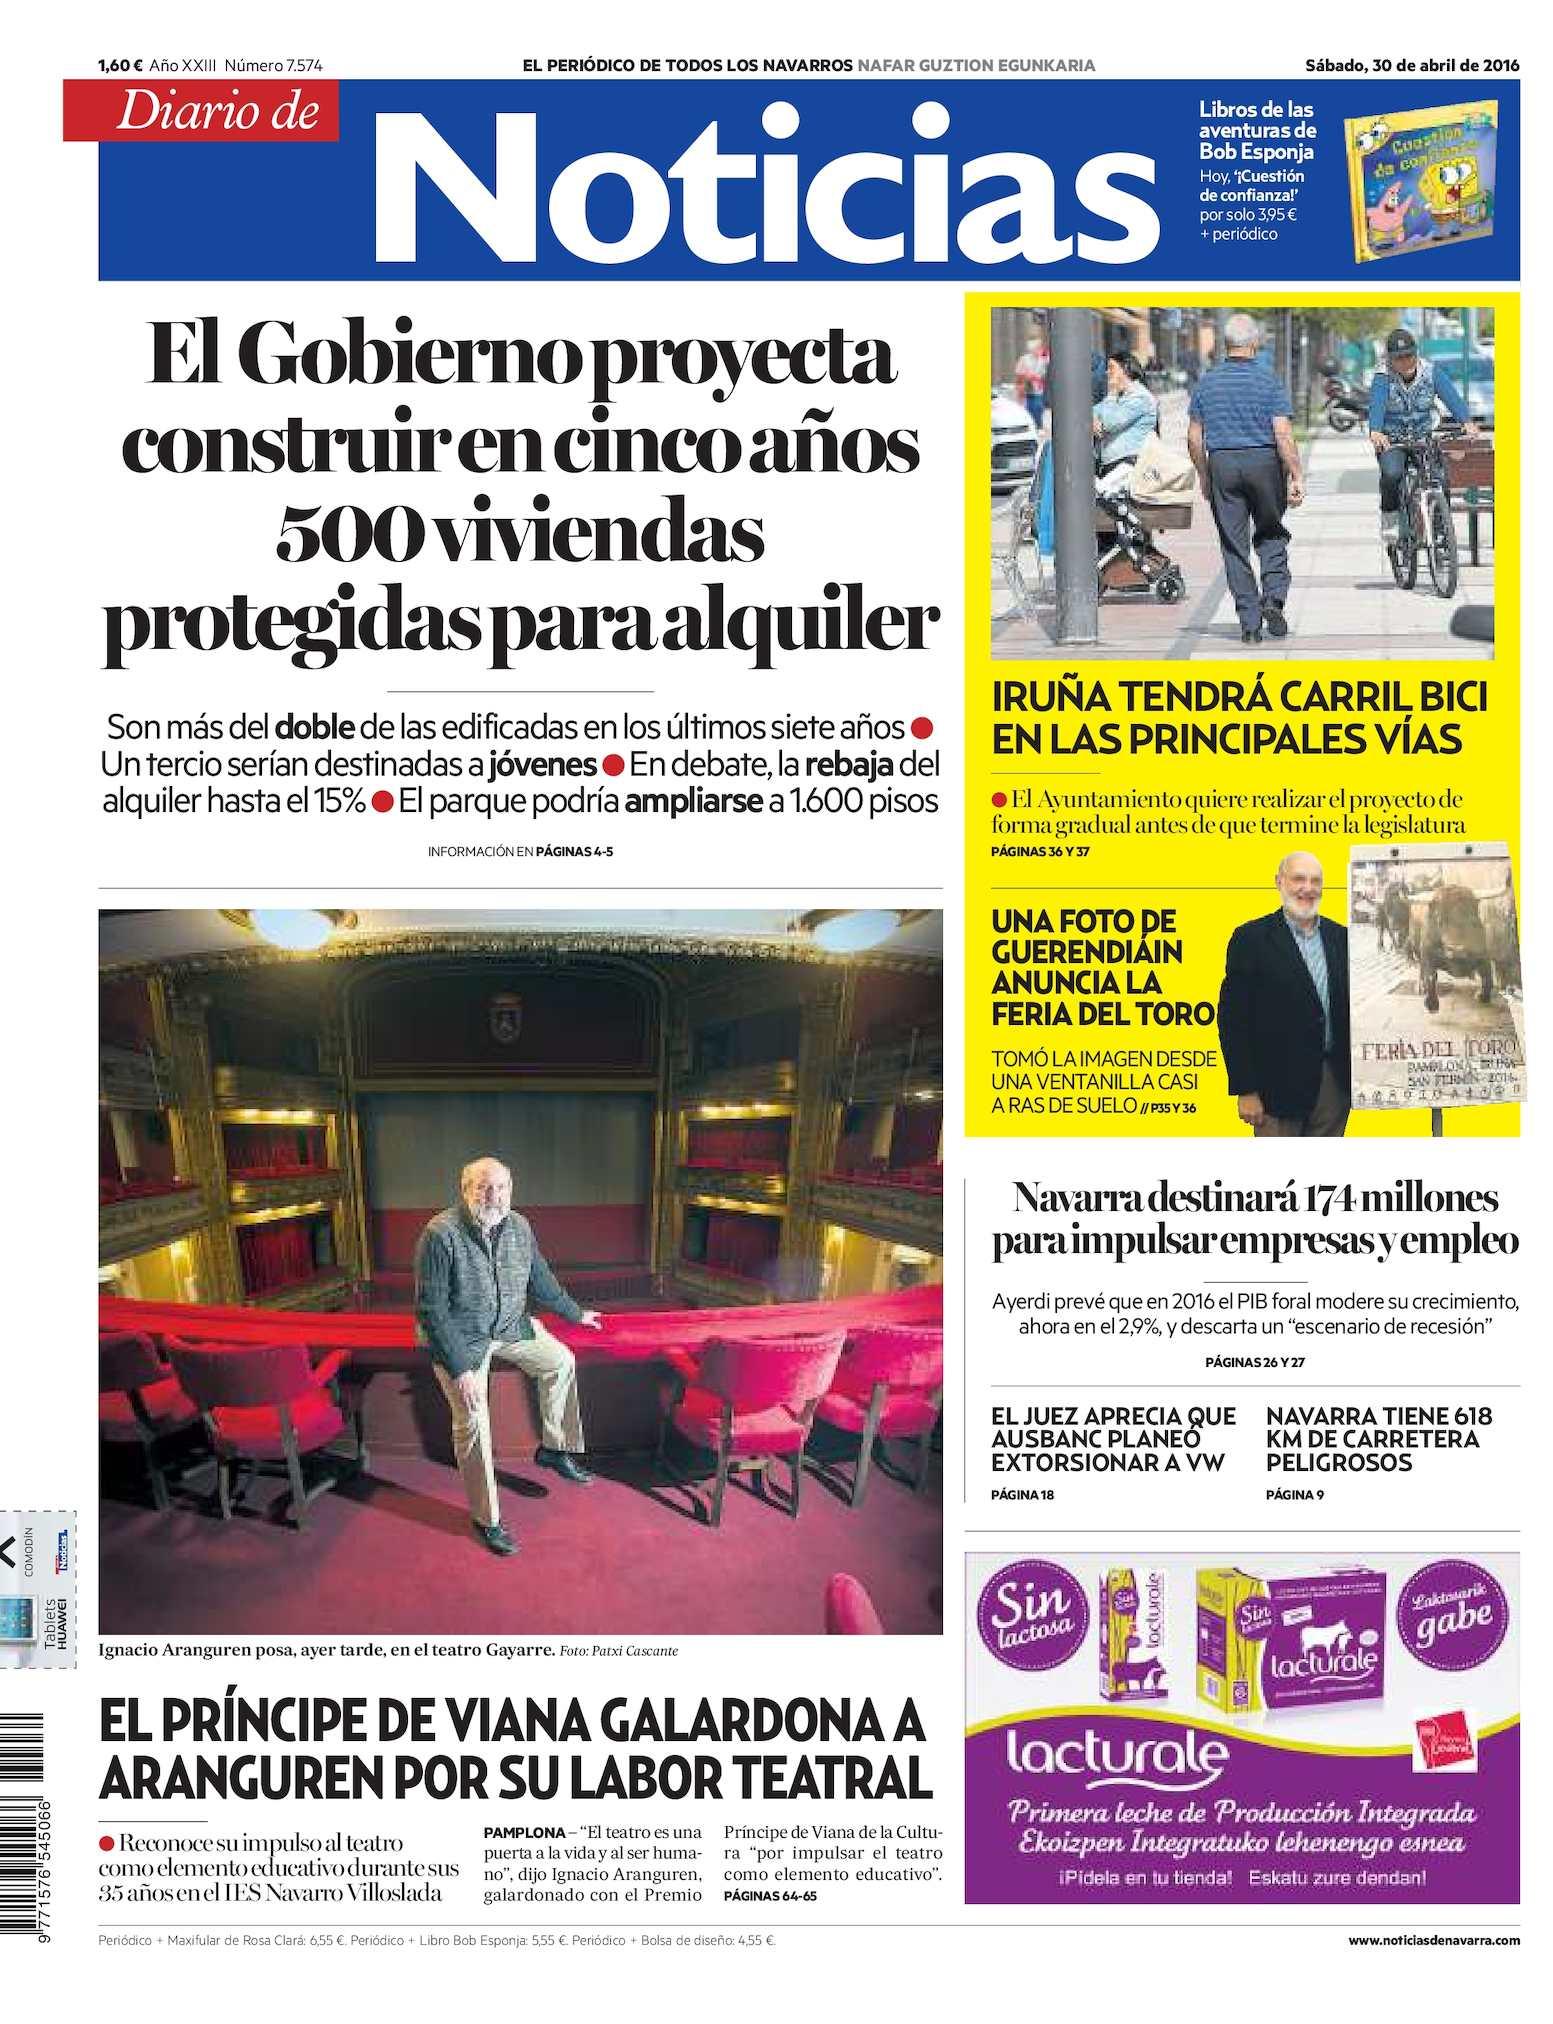 Calaméo - Diario de Noticias 20160430